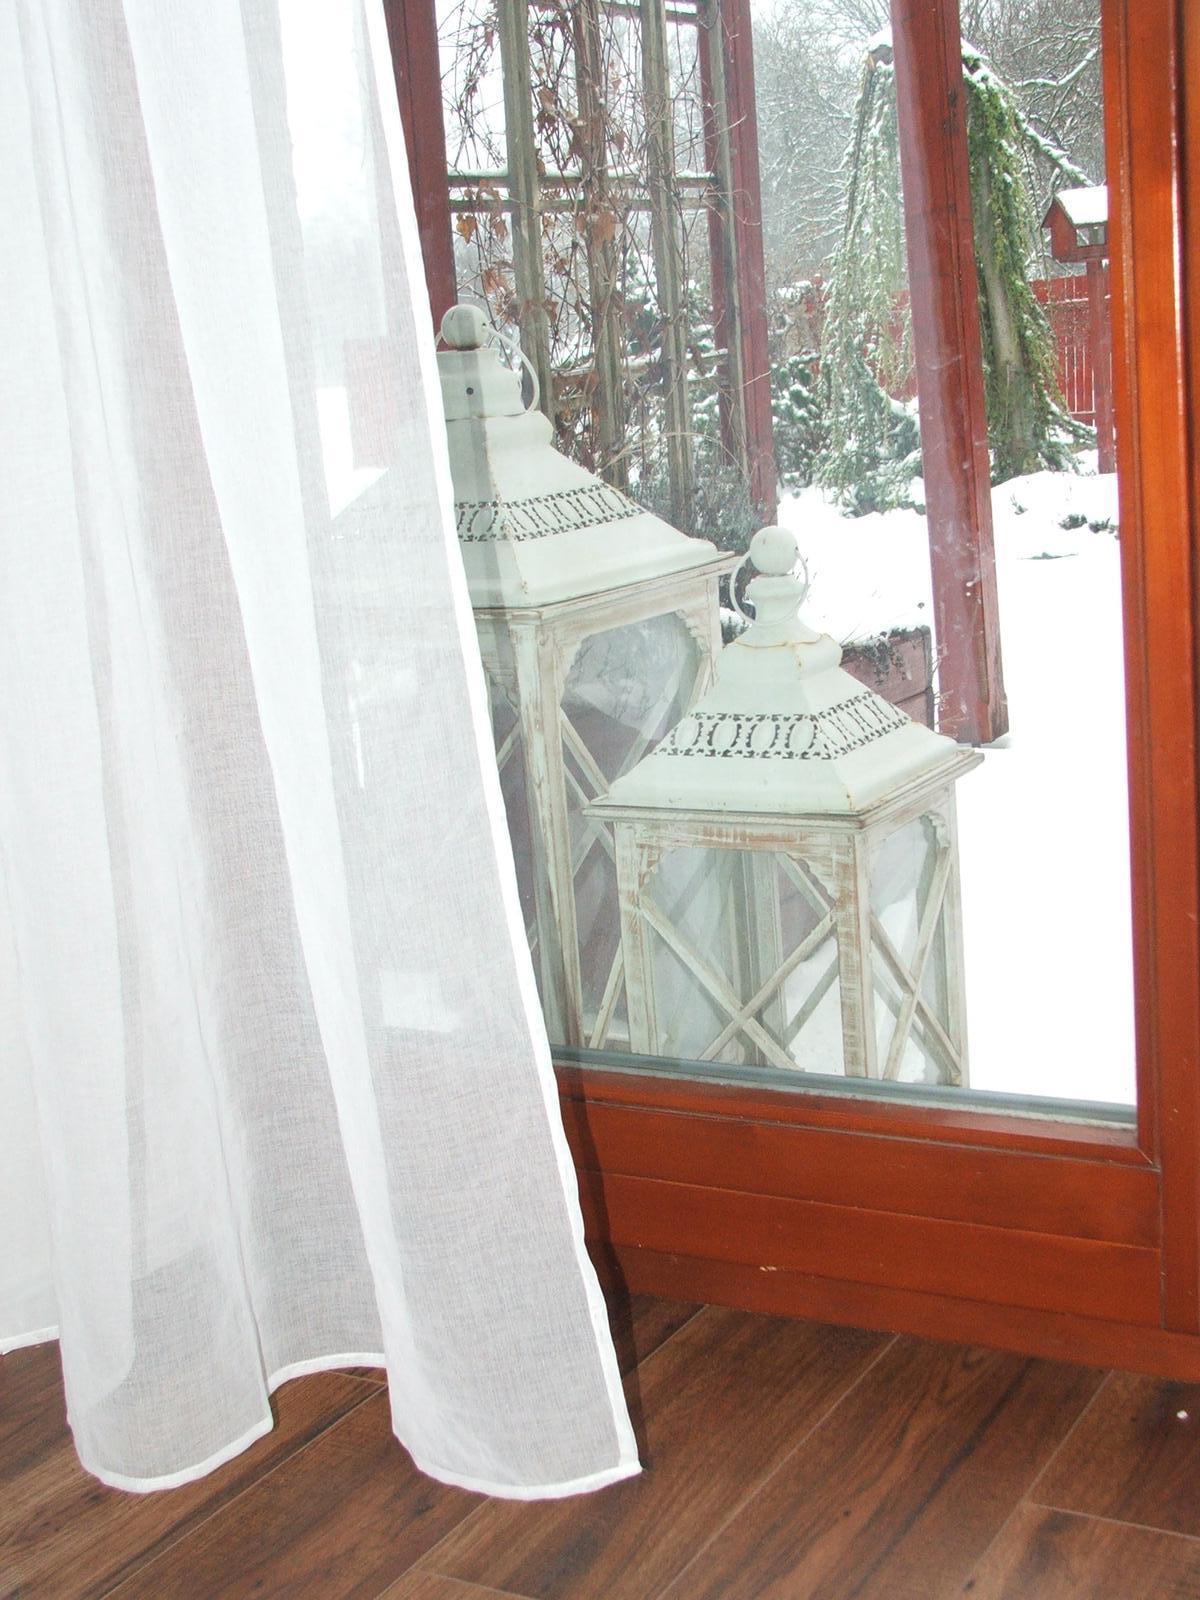 Domov - Učím sa fotiť :) S bleskom....